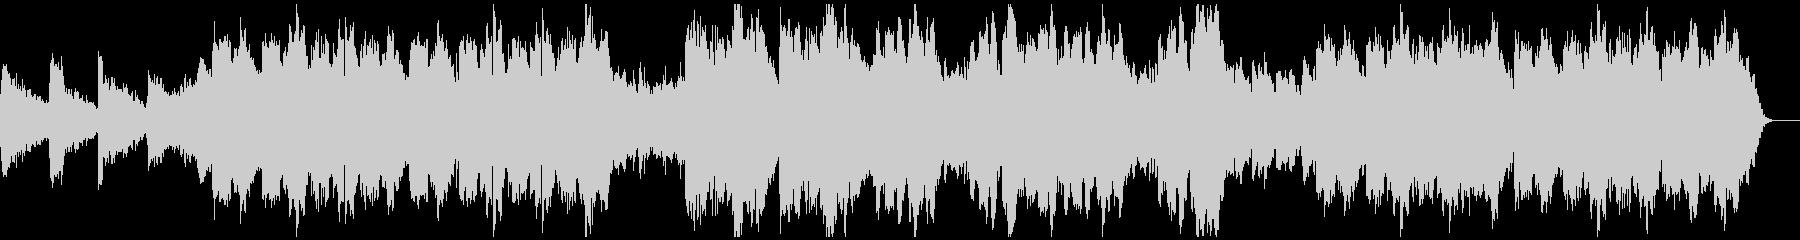 東南アジア風リラクゼーションミュージックの未再生の波形